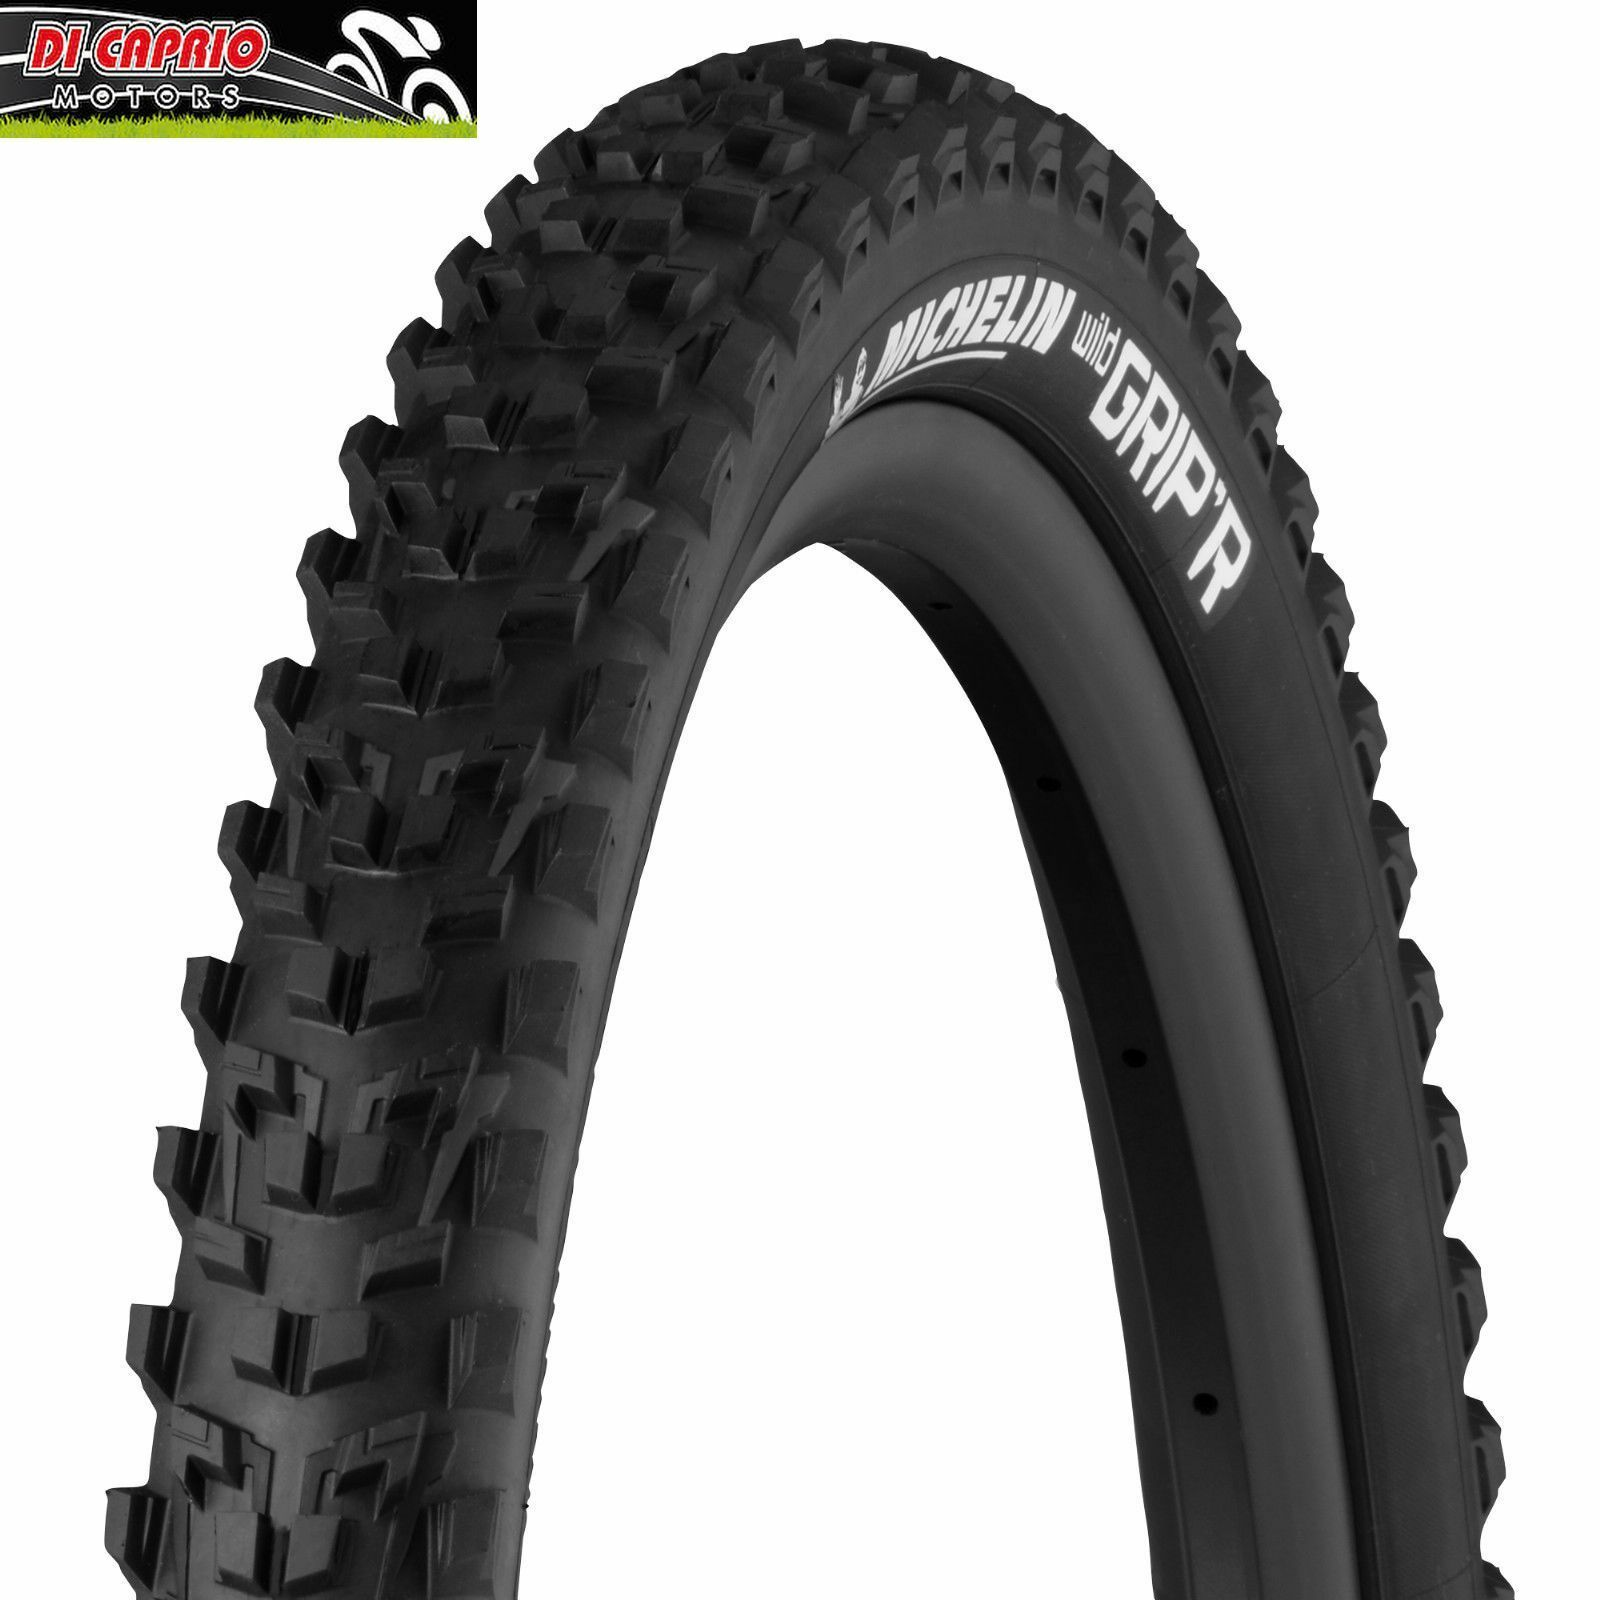 Copertone Gomma Bici MTB Enduro MICHELIN Wild Grip R Advanced MAGI X  27,5x2,35